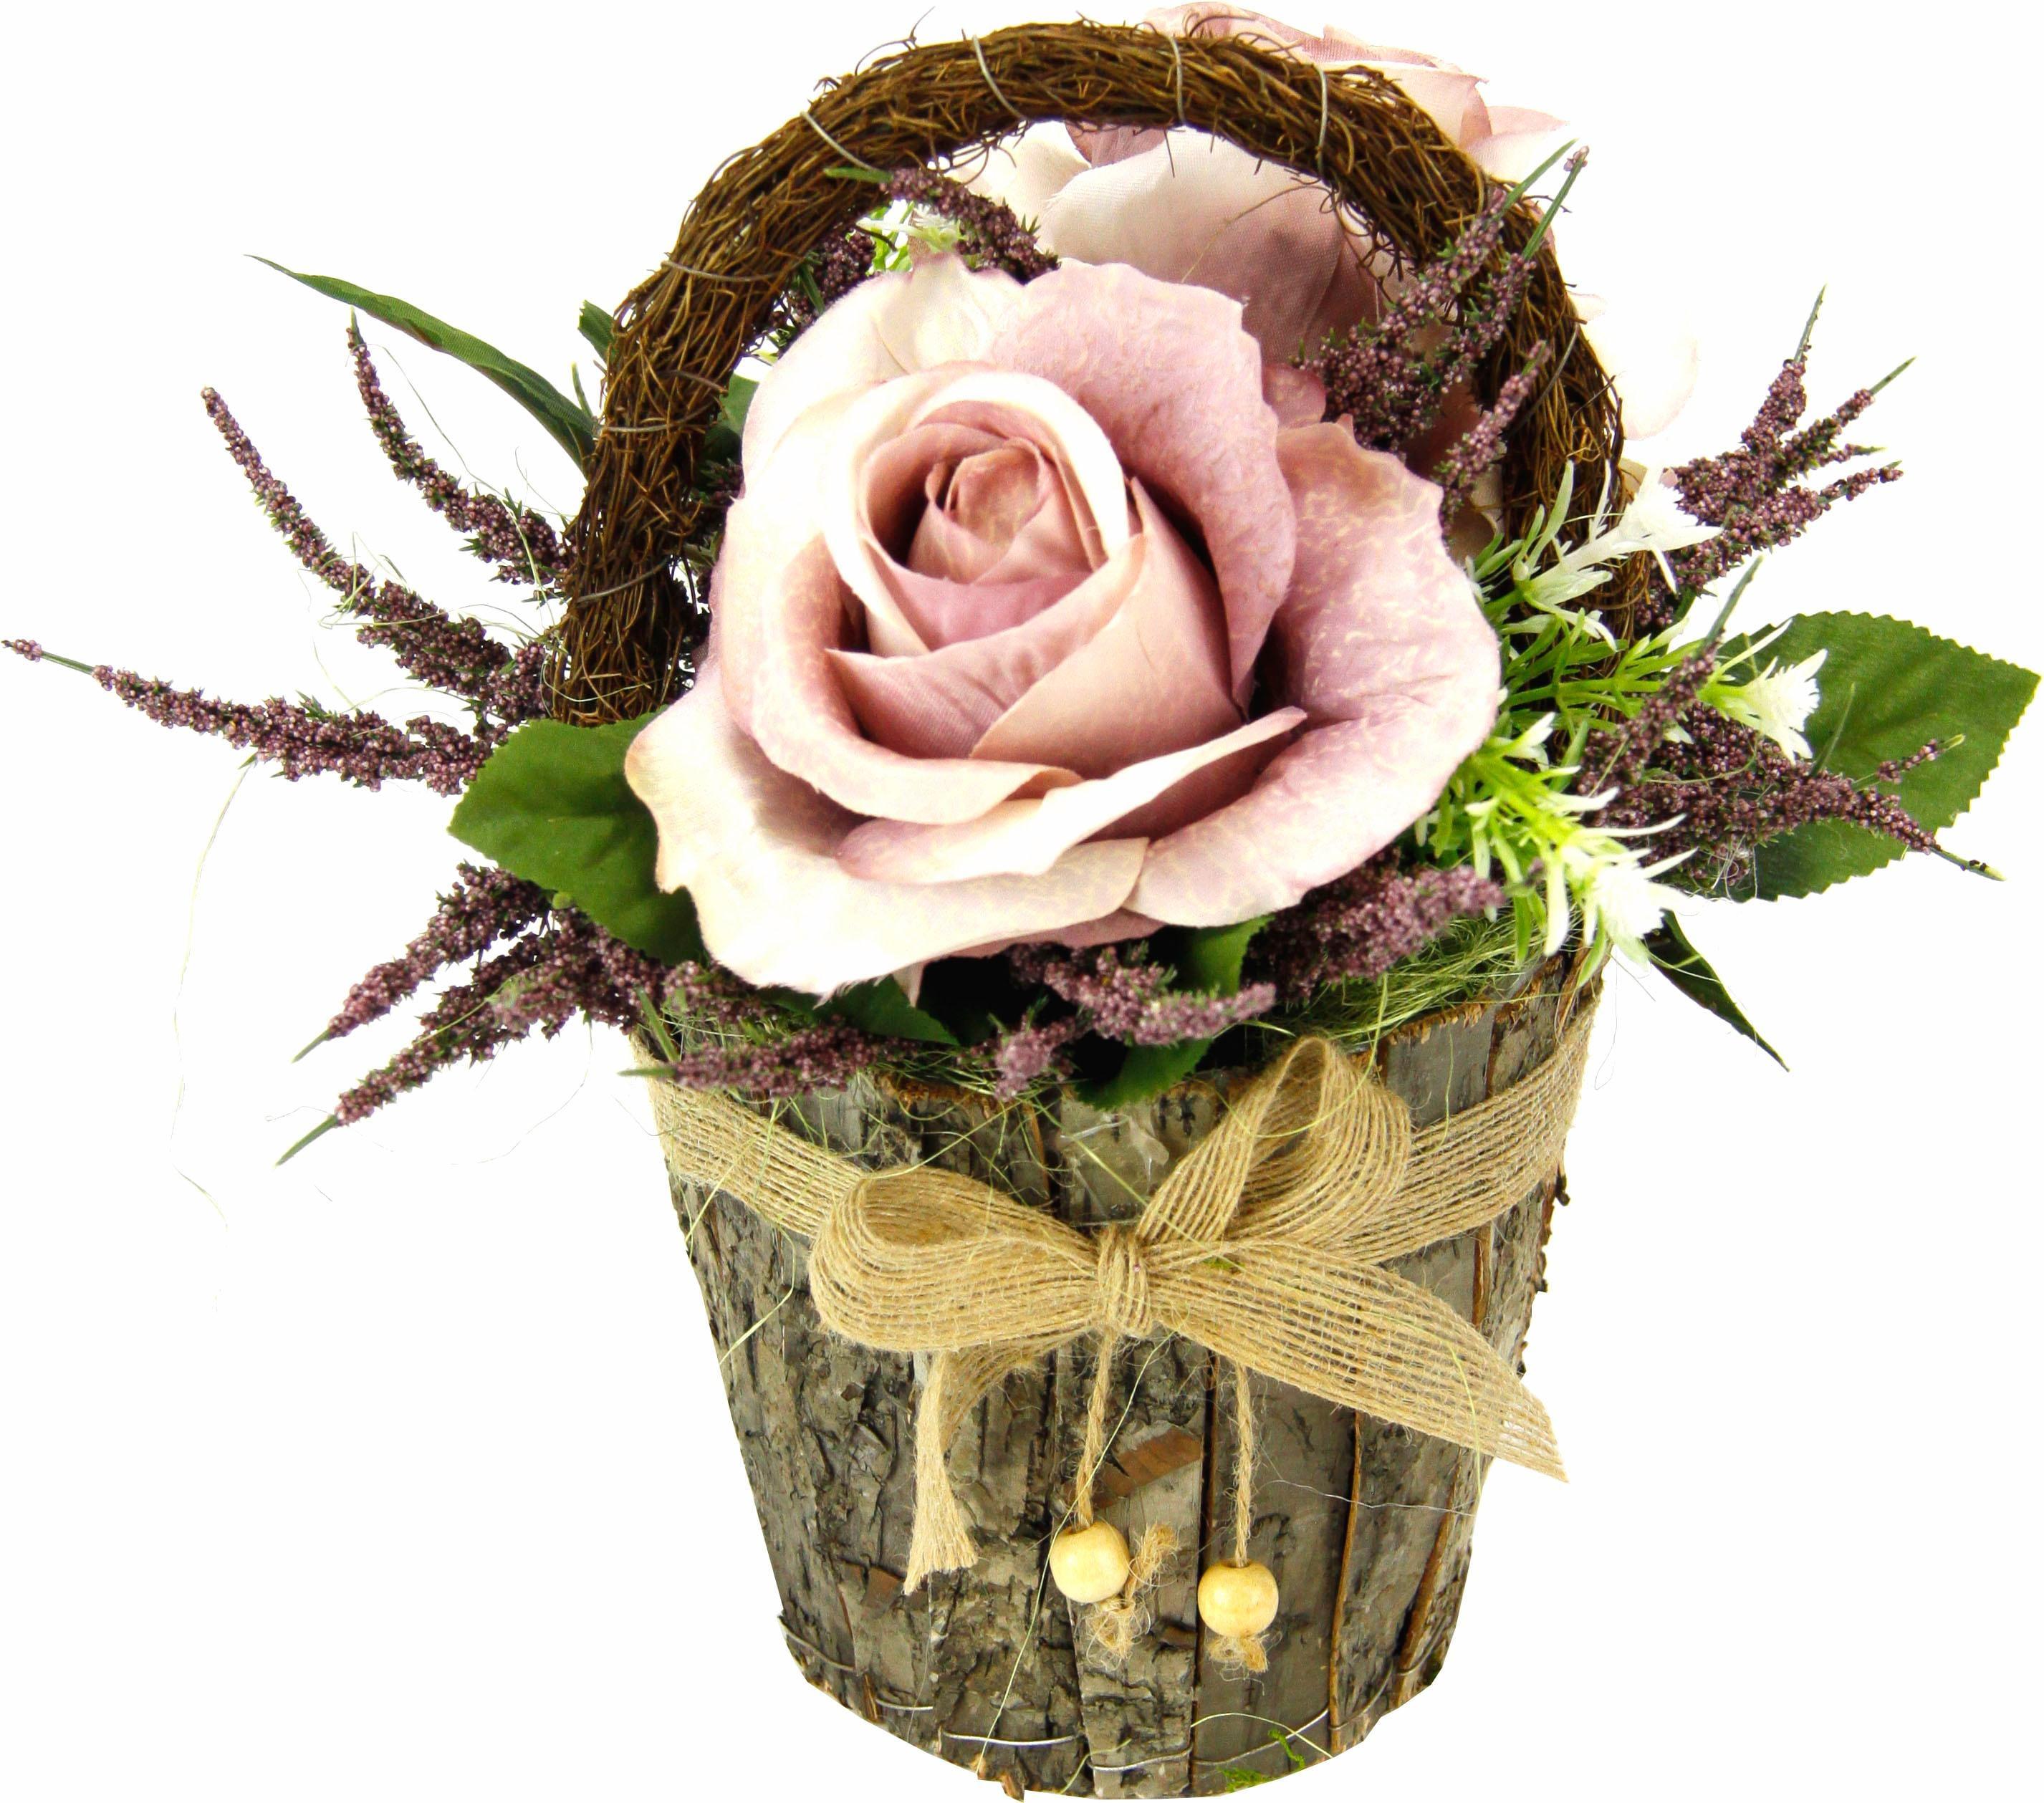 Kunstpflanze Gesteck Rosen in Rindentopf Technik & Freizeit/Heimwerken & Garten/Garten & Balkon/Pflanzen/Zimmerpflanzen